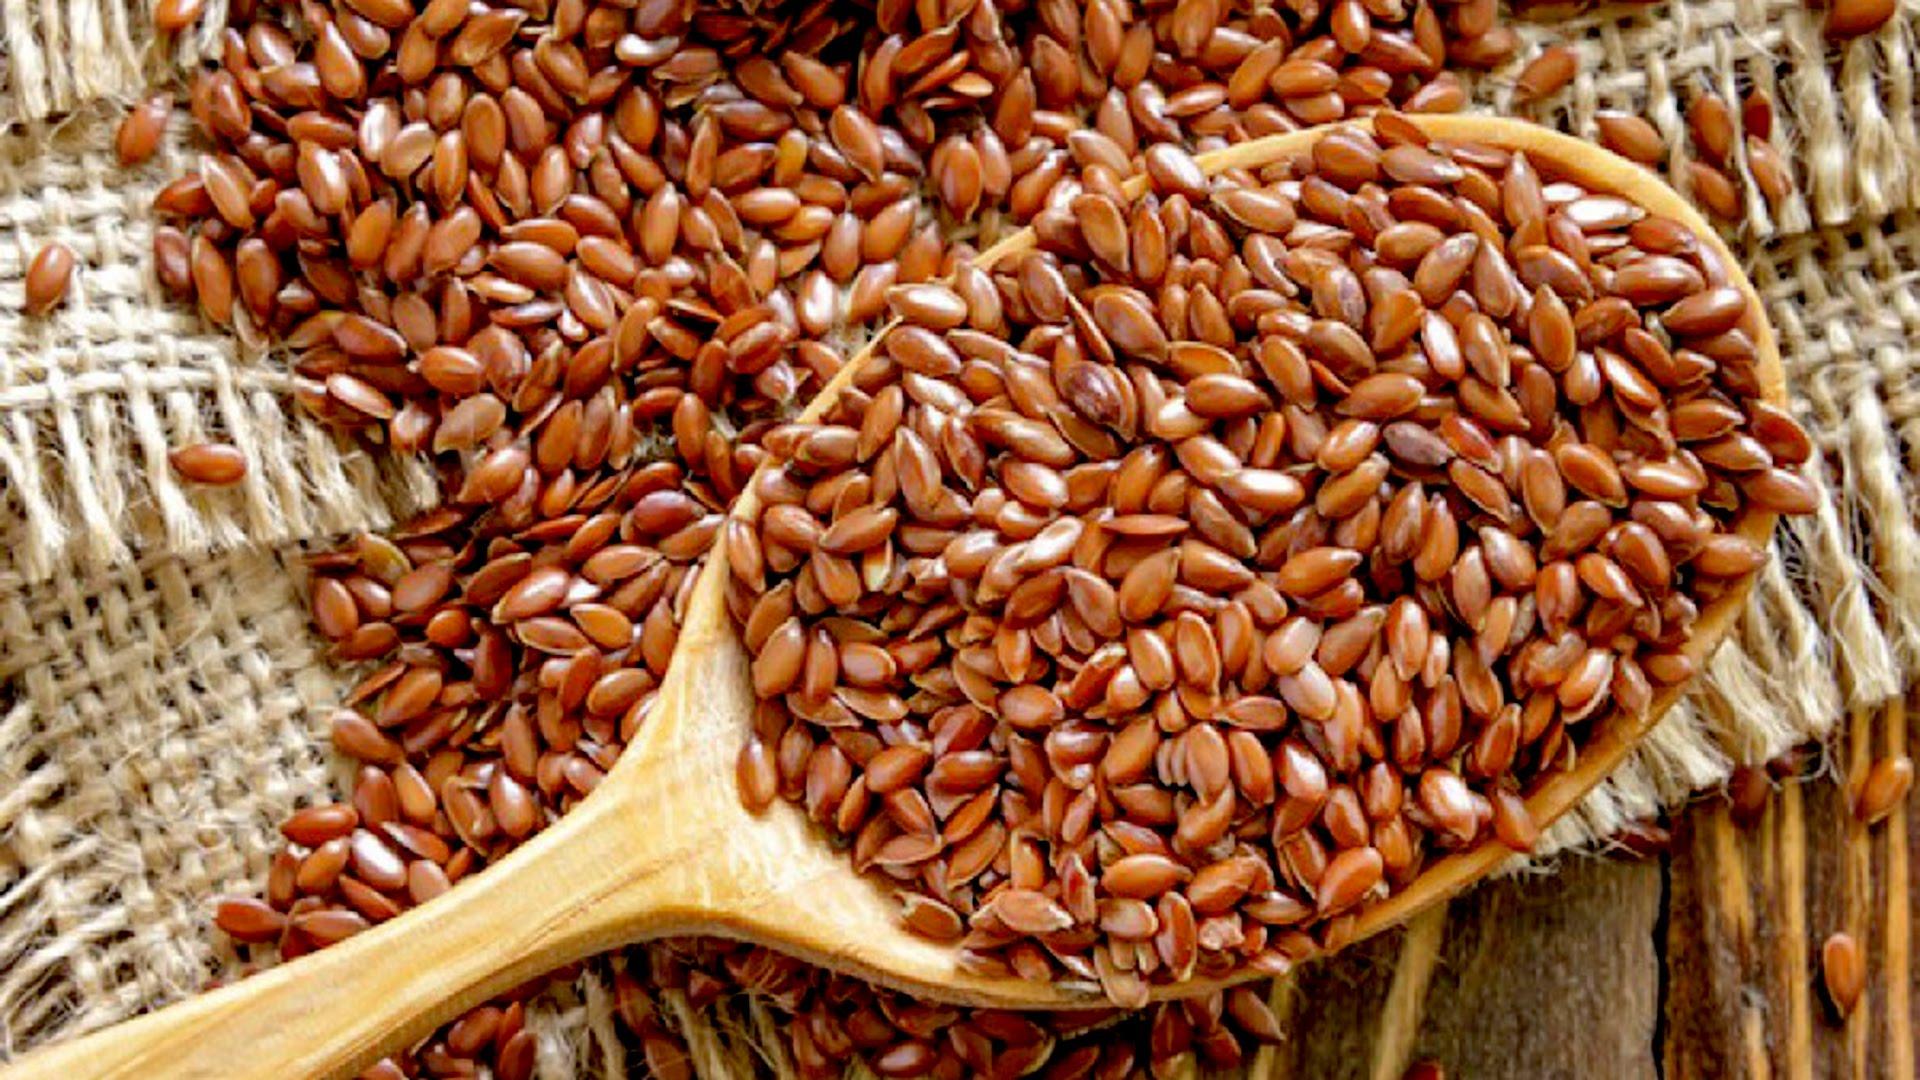 Еще 78 казахстанских предприятий смогут экспортировать семена льна в Китай